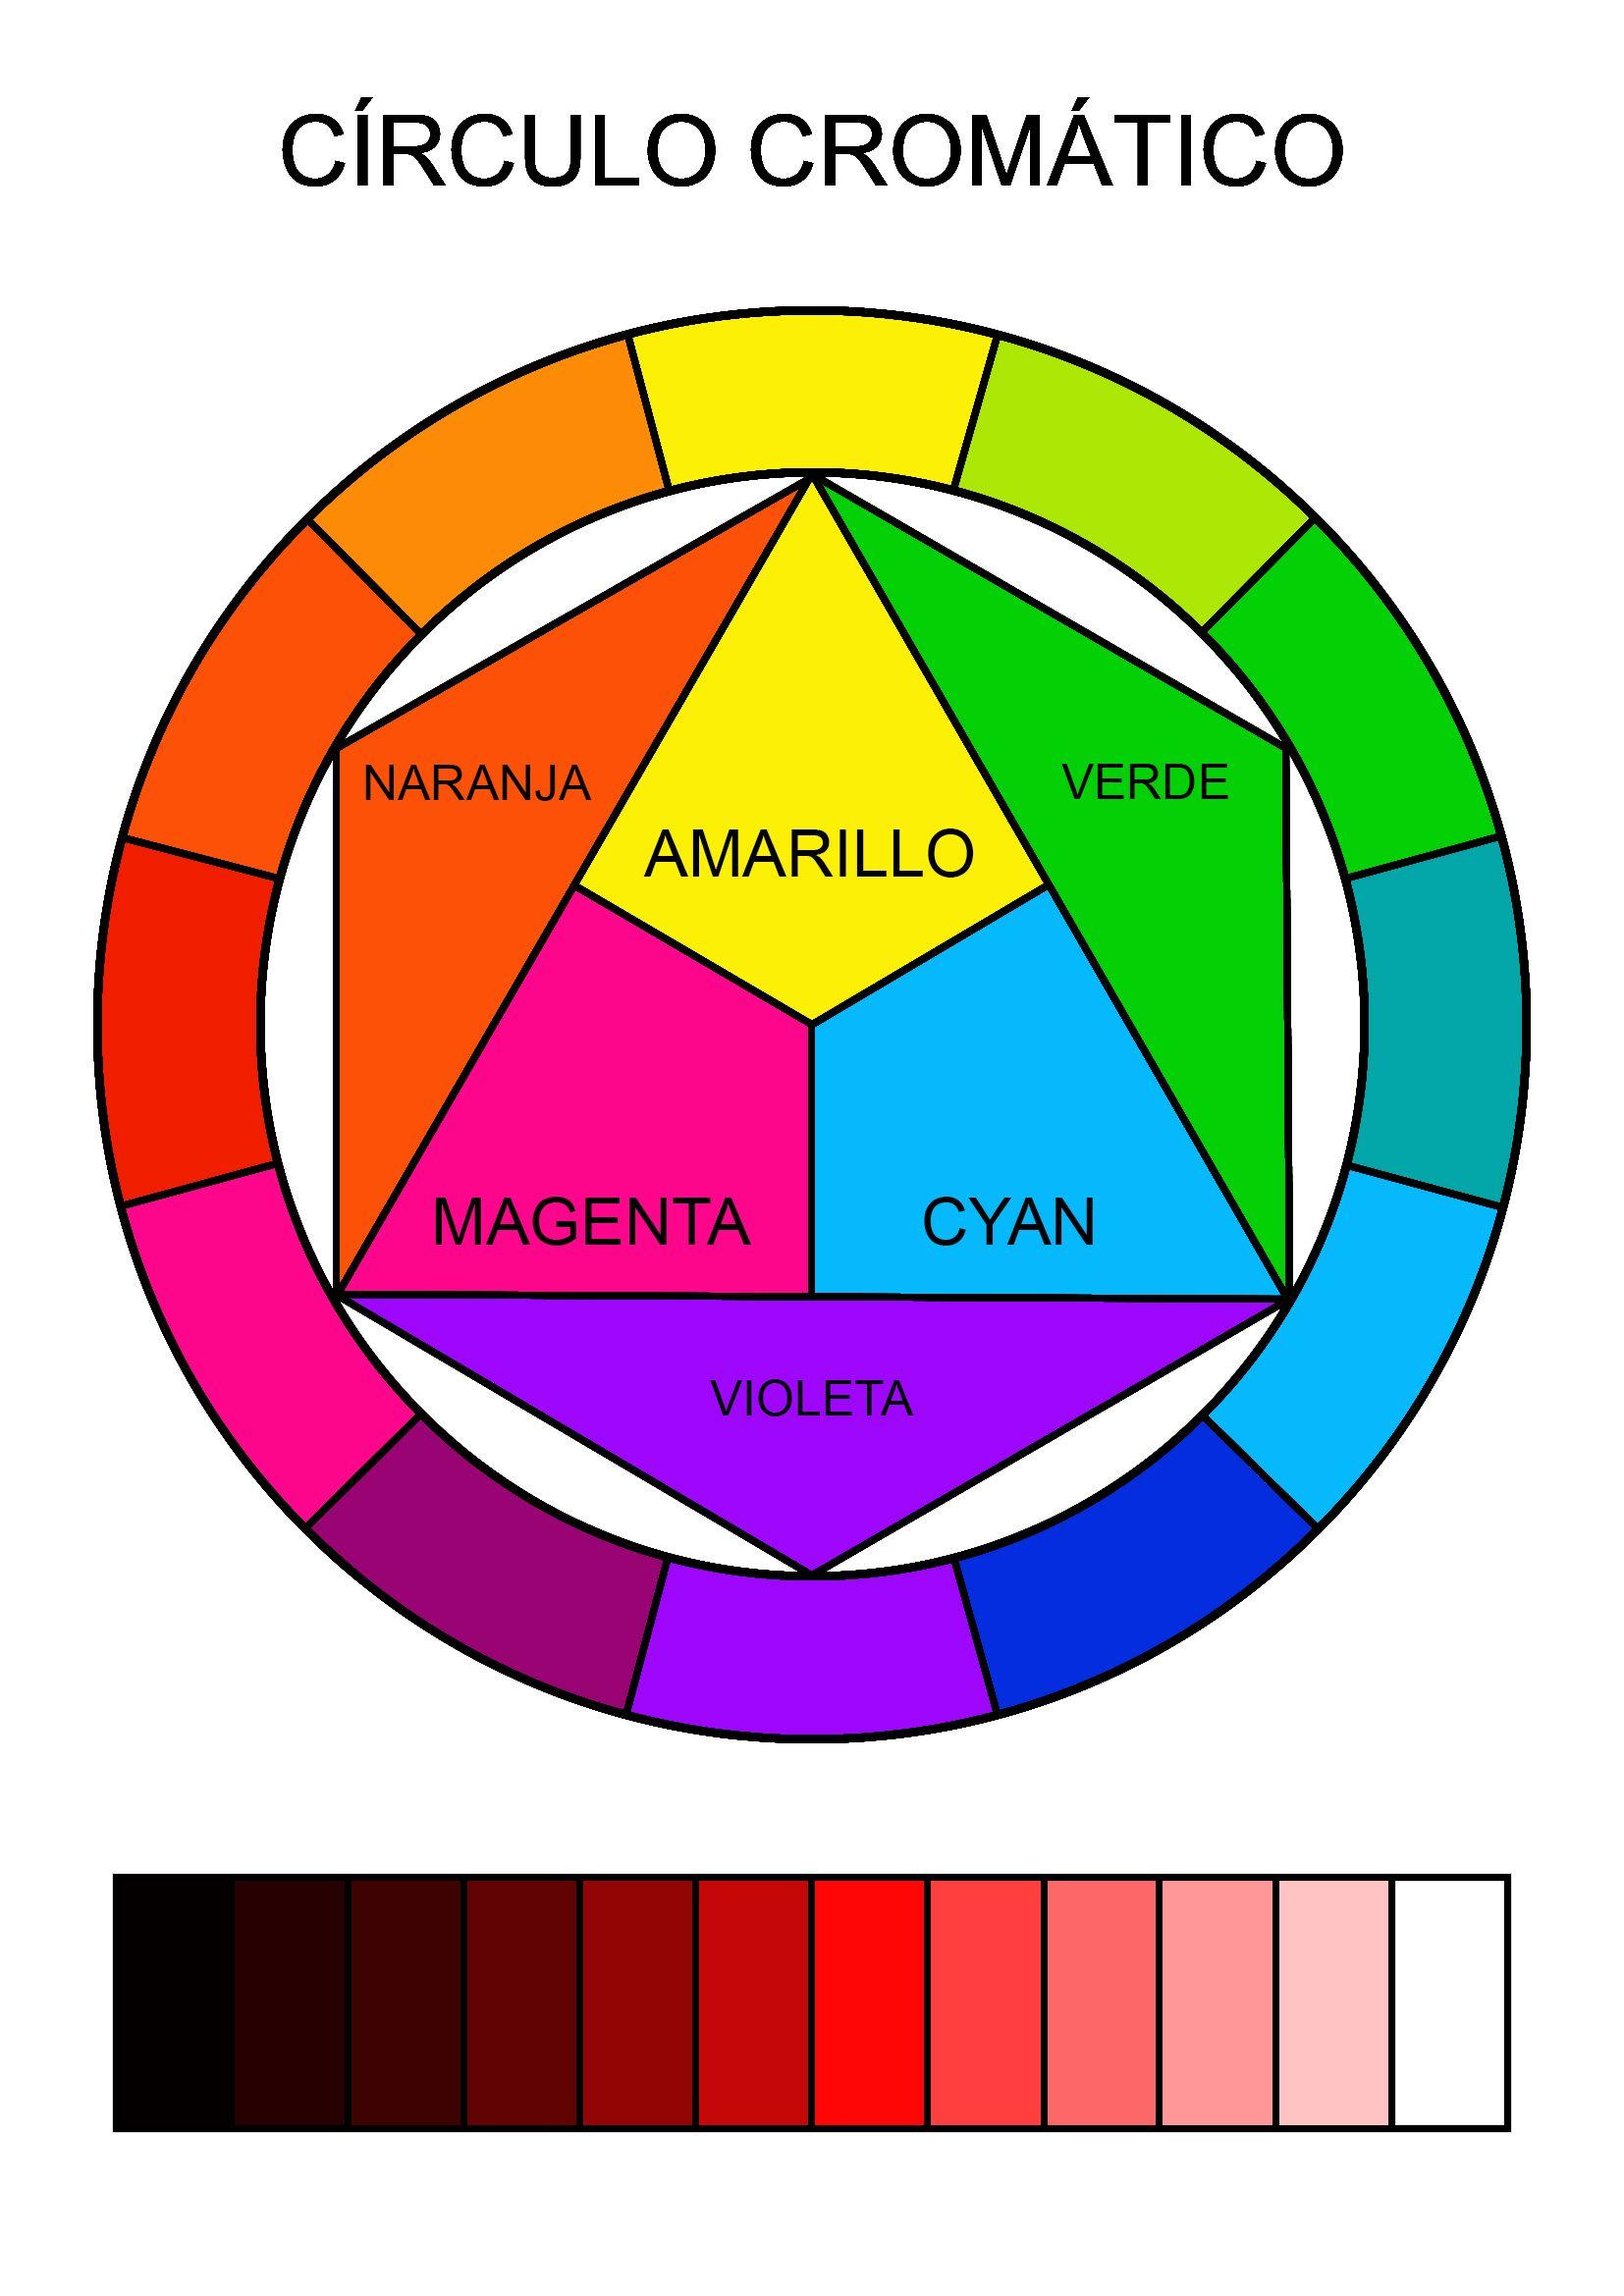 Círculo cromático | Pinterest | Círculos, Circulo cromatico y ...